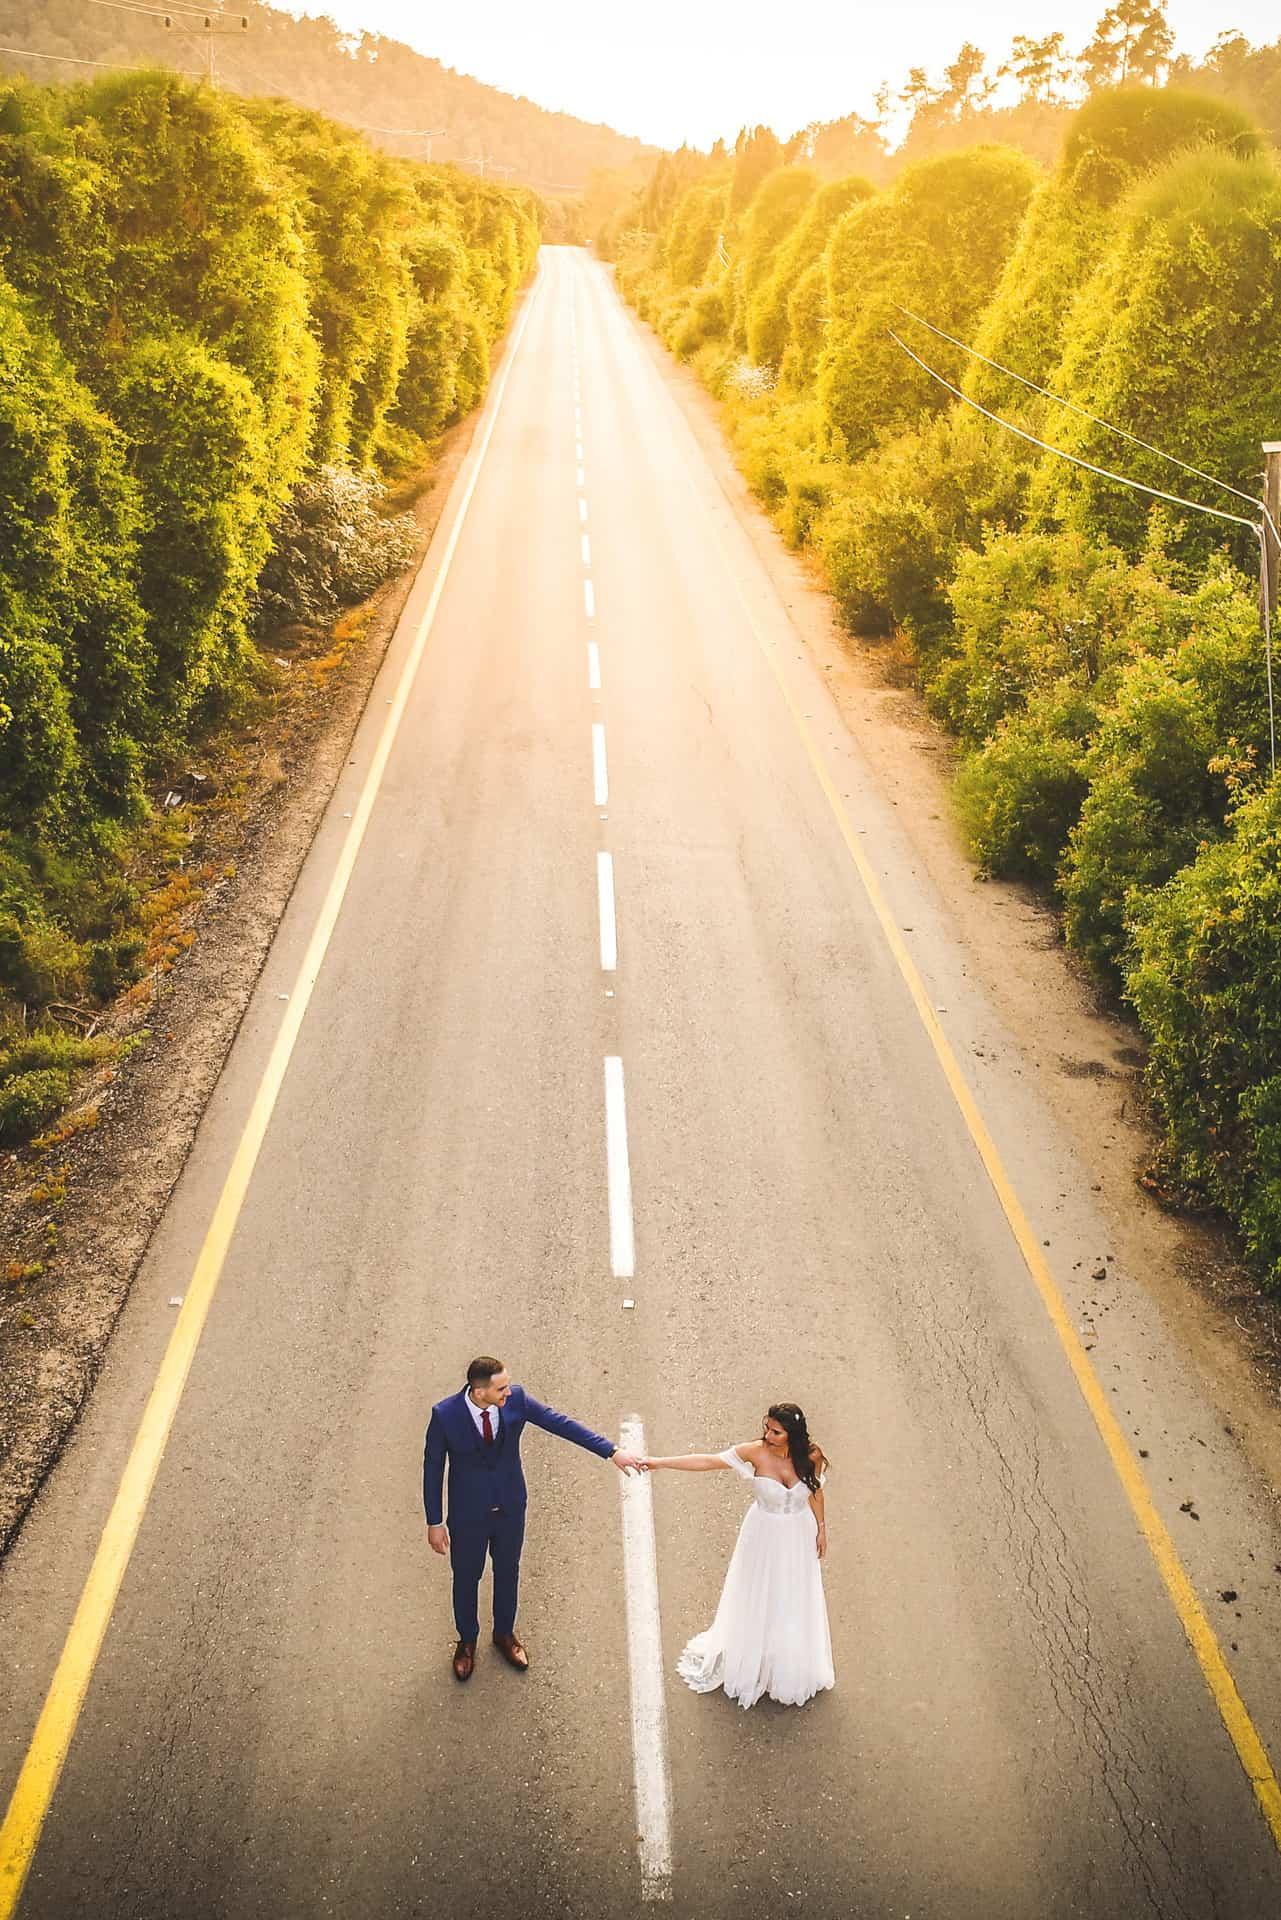 צילום סטילס - צילום מאוויר של כלה וחתן בכביש